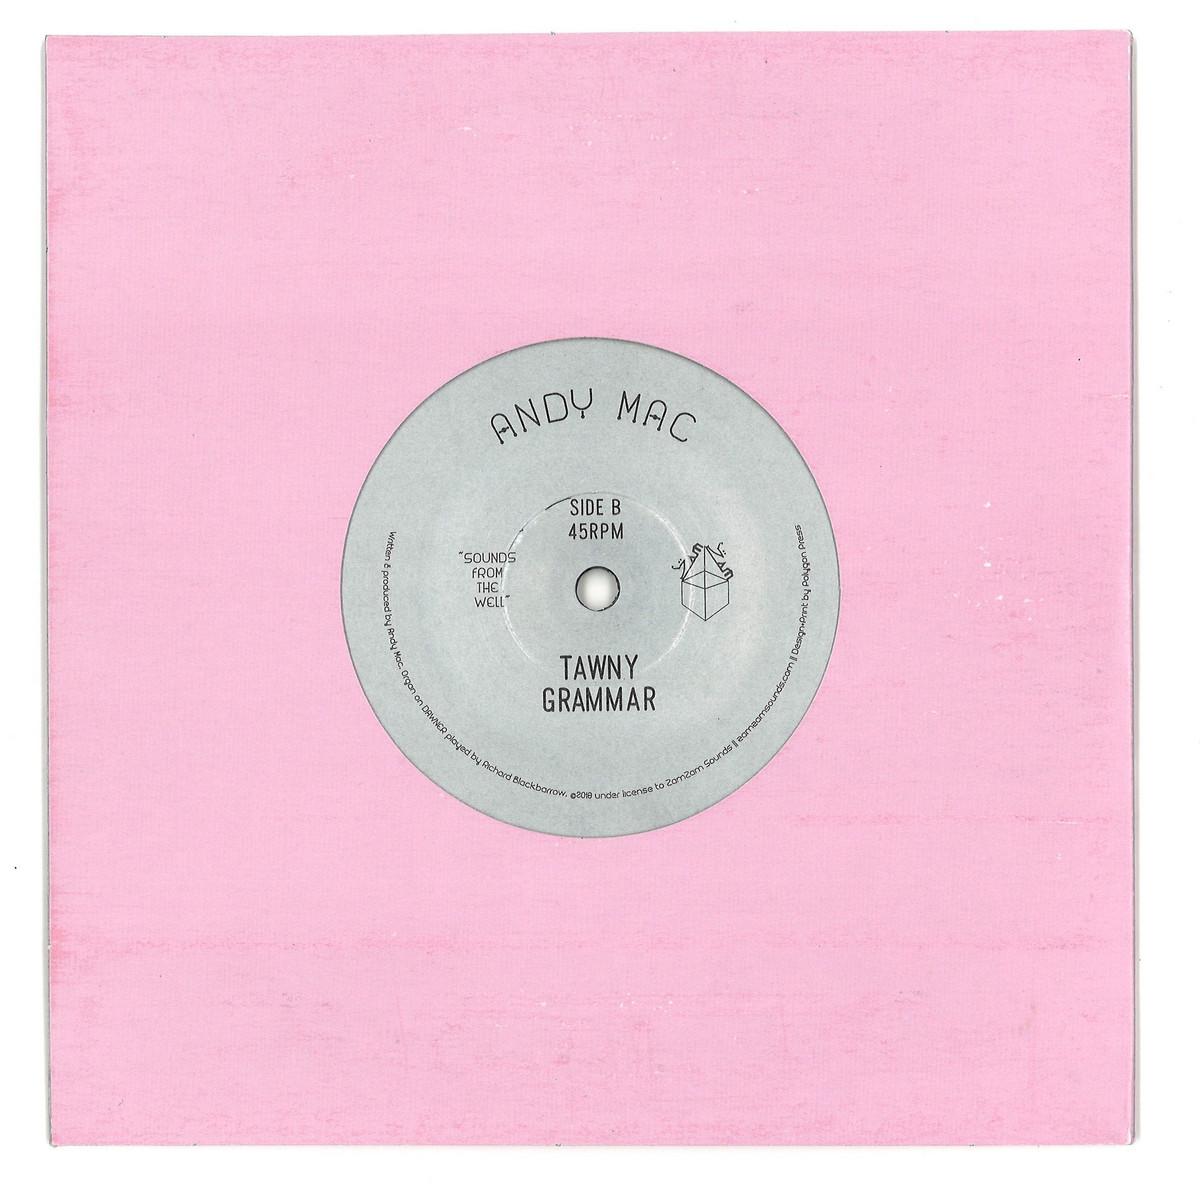 deejay de - Zam Zam Sounds